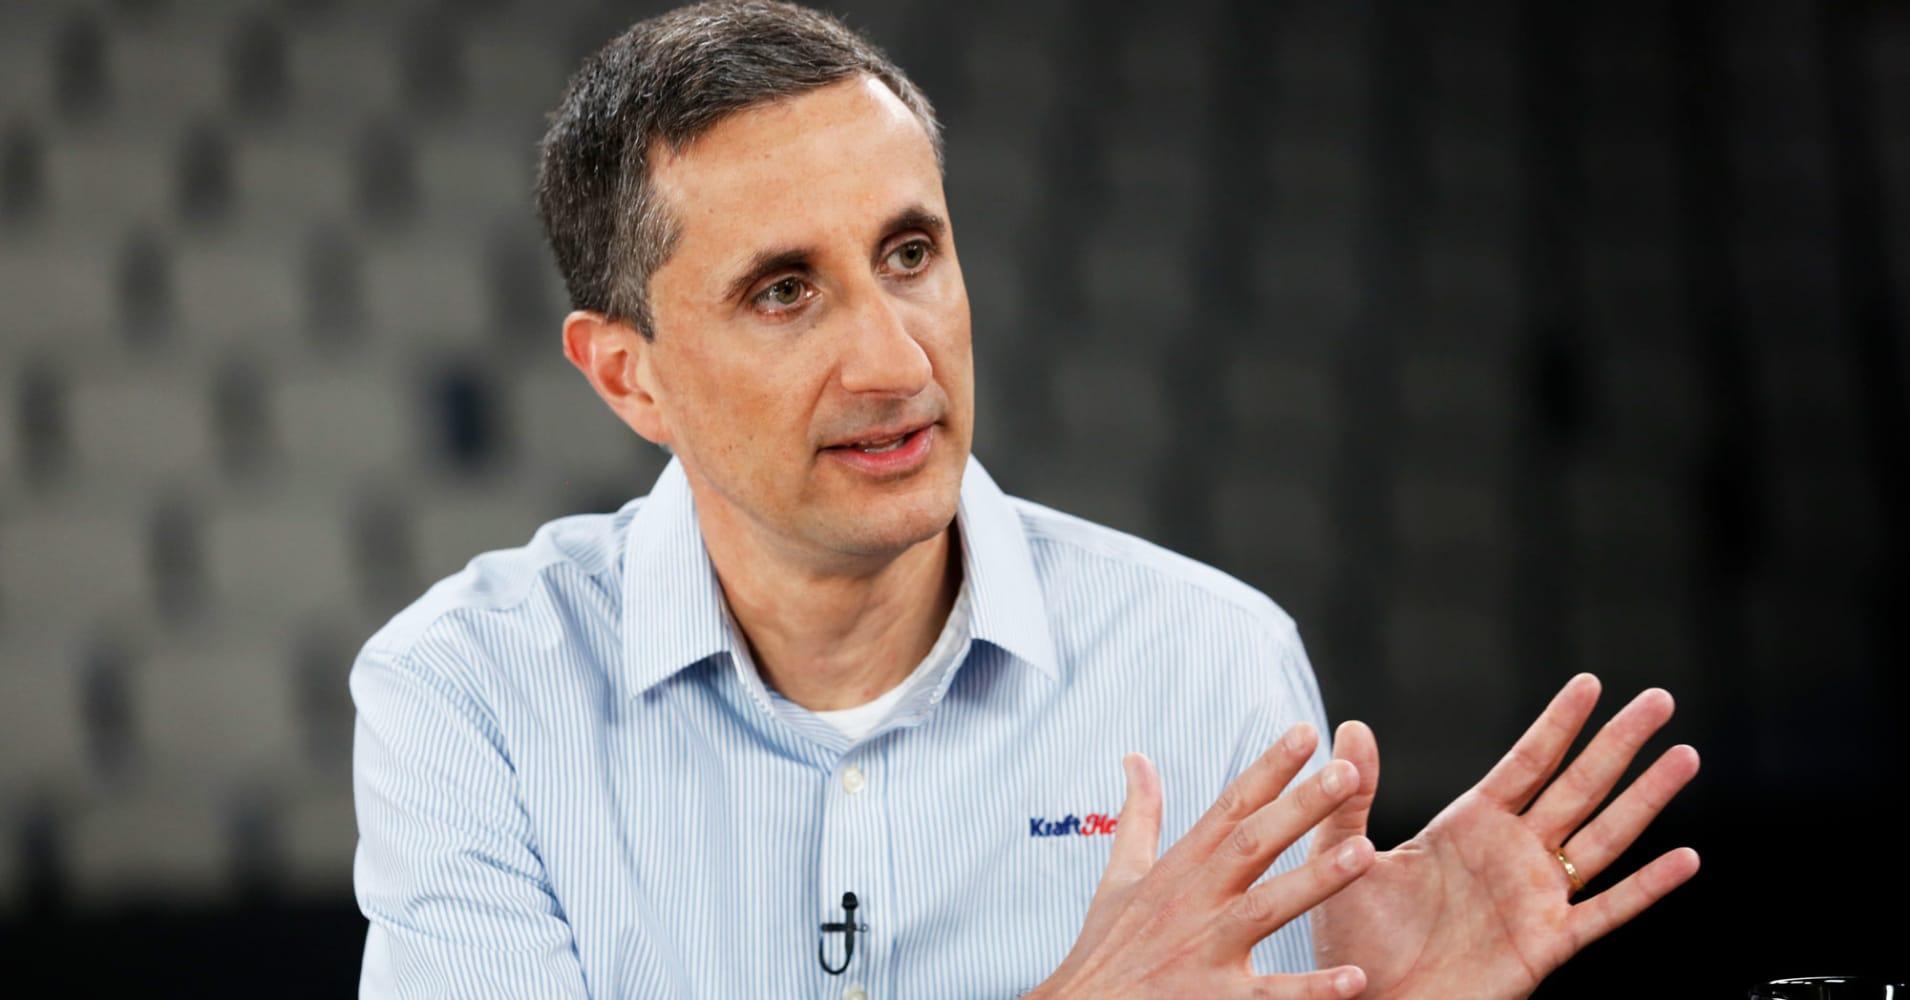 Kraft Heinz's CEO is the latest victim of Big Food's exodus of leaders